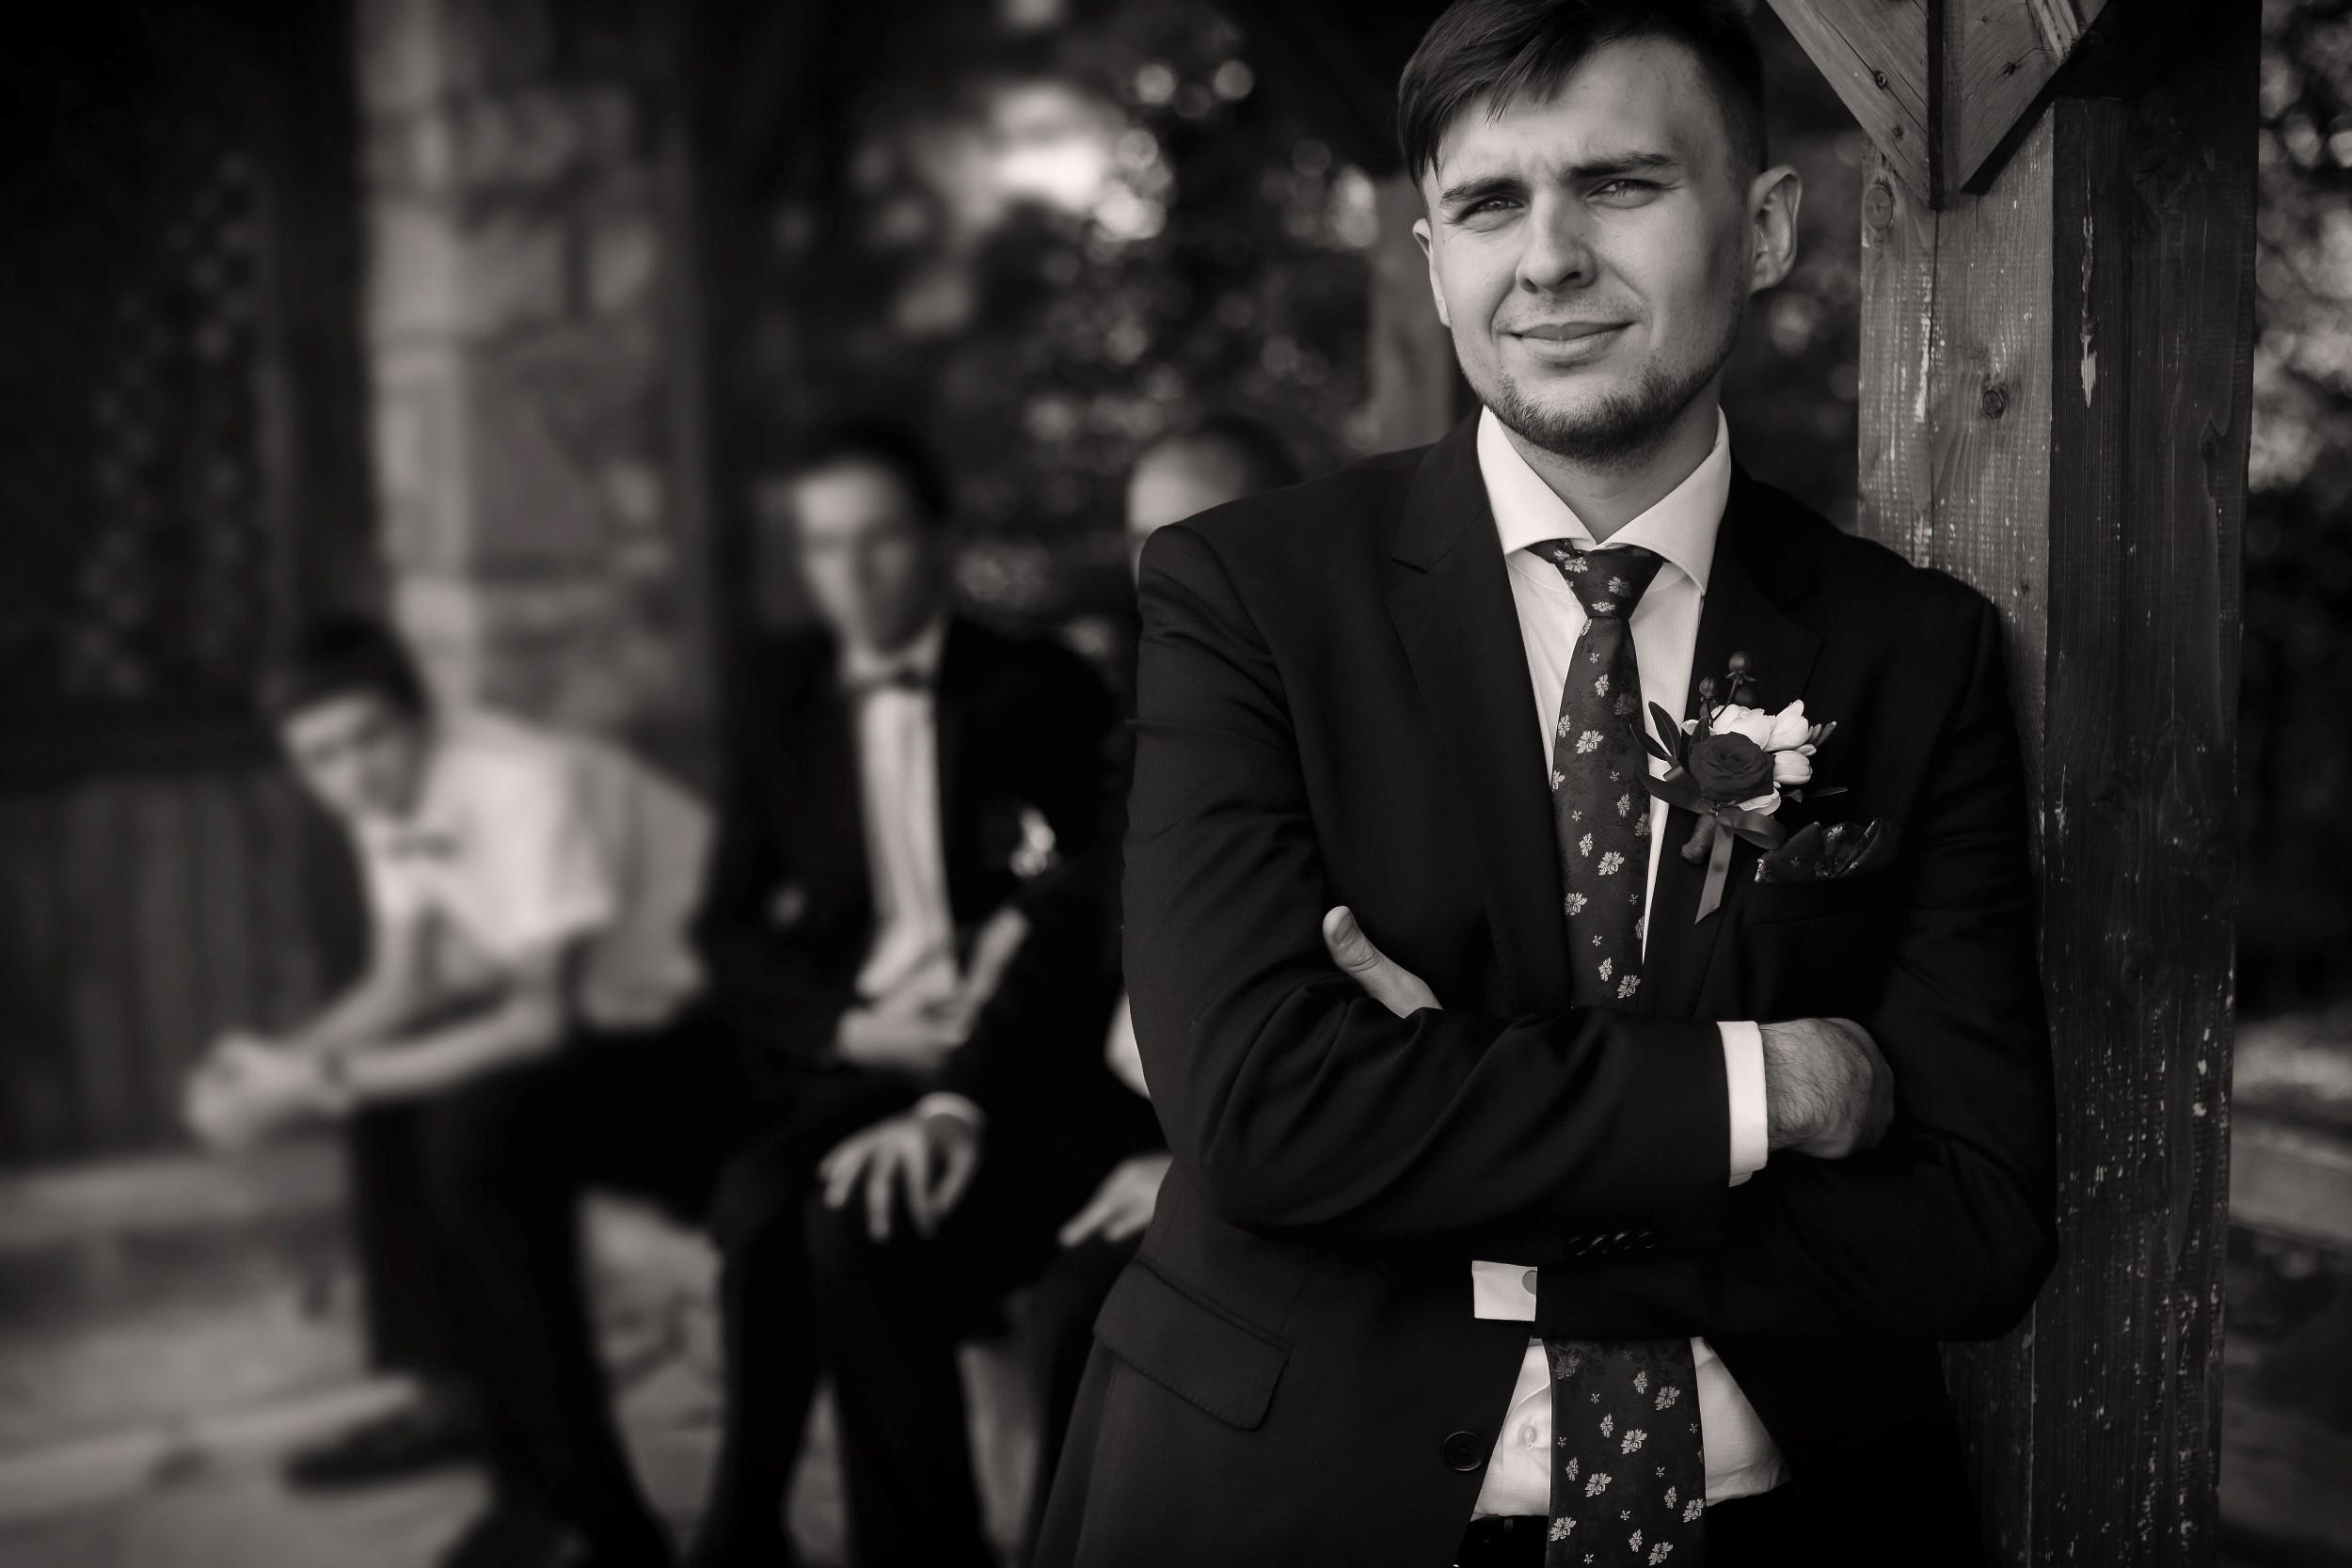 WEDDING BEST MAN BEST MEN WITH GROOM (1) 007152 (Custom)